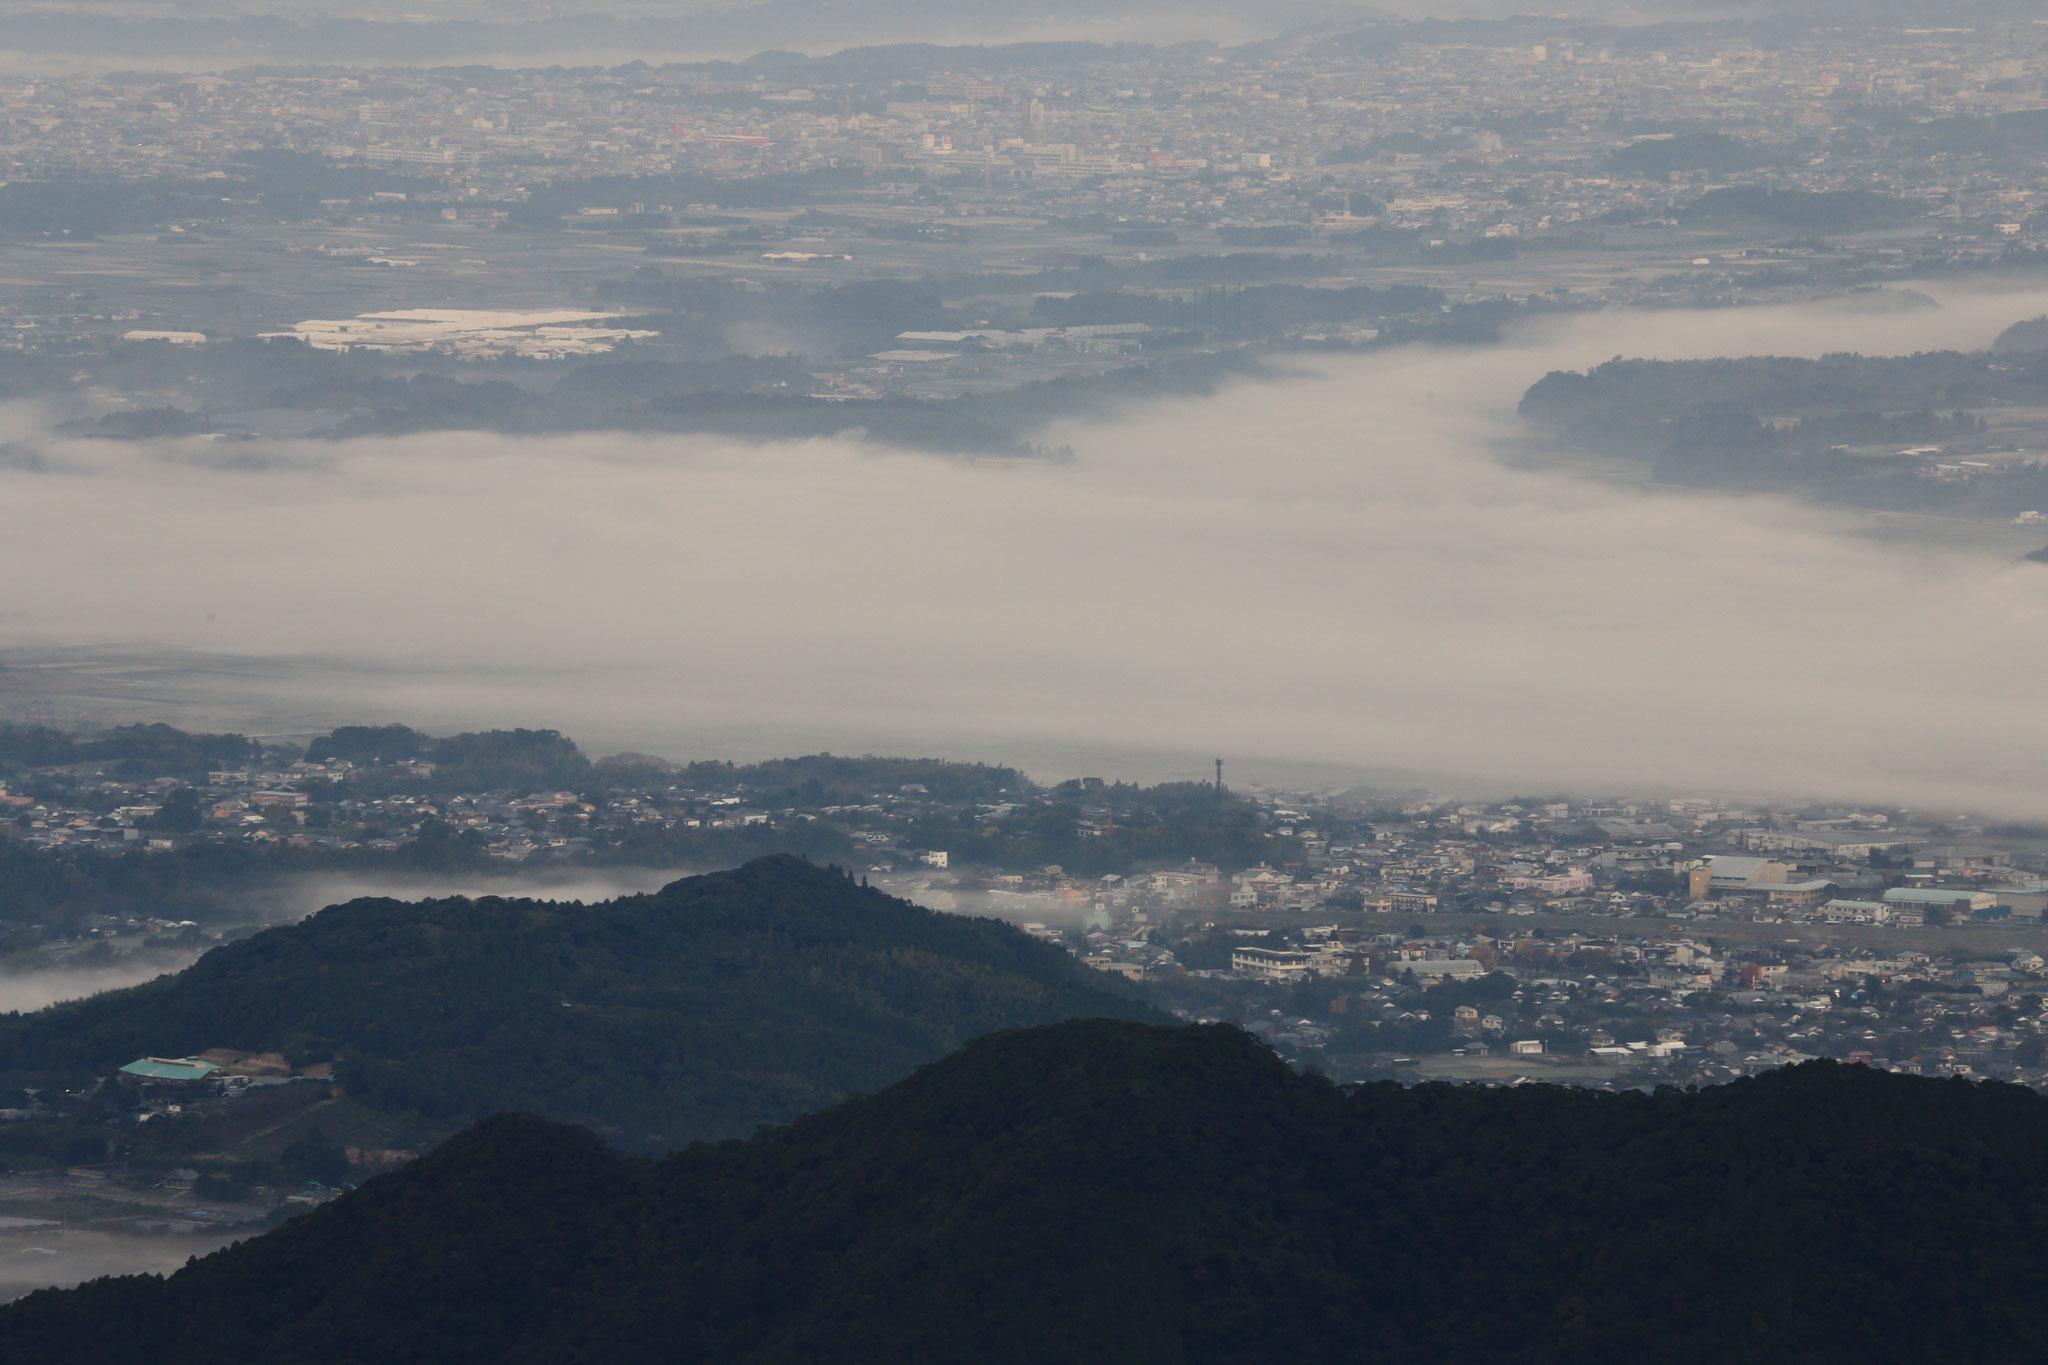 肝付町平野部を覆う朝の霧(12/8 肝付町)